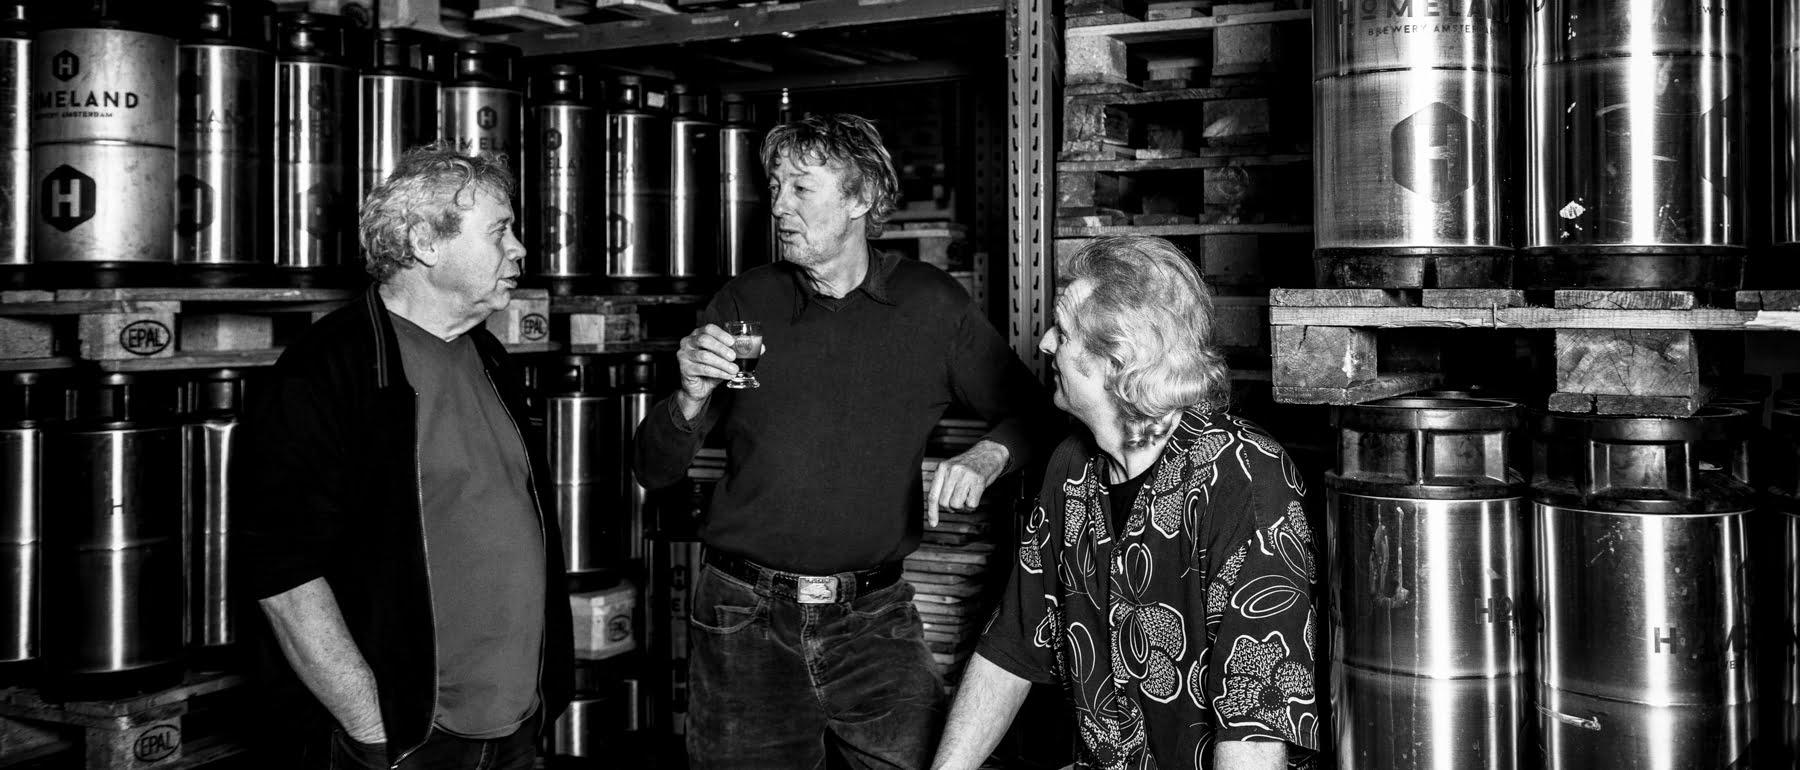 Oprichters van de brouwerij.